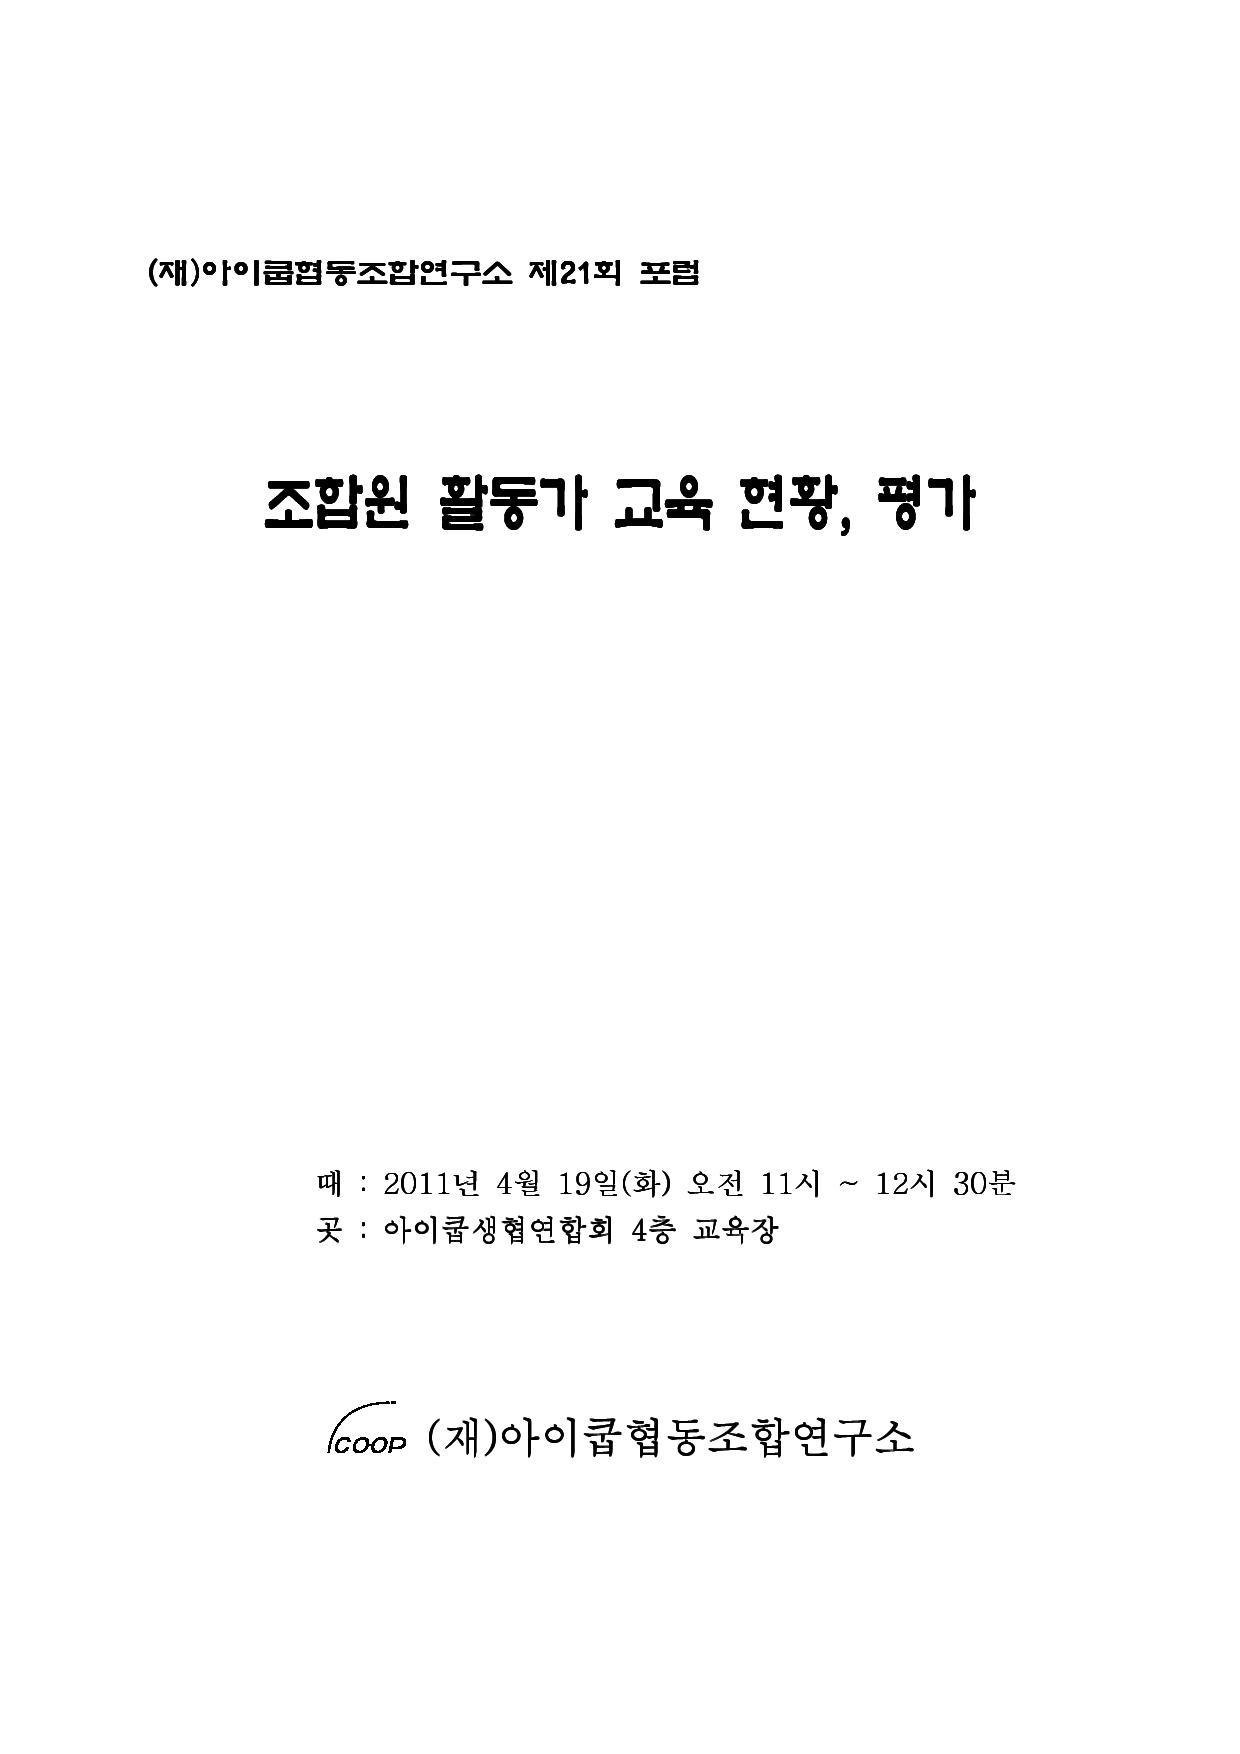 57_(제21회 포럼 자료집) 『조합원 활동가 교육 현황 평가』1.jpg